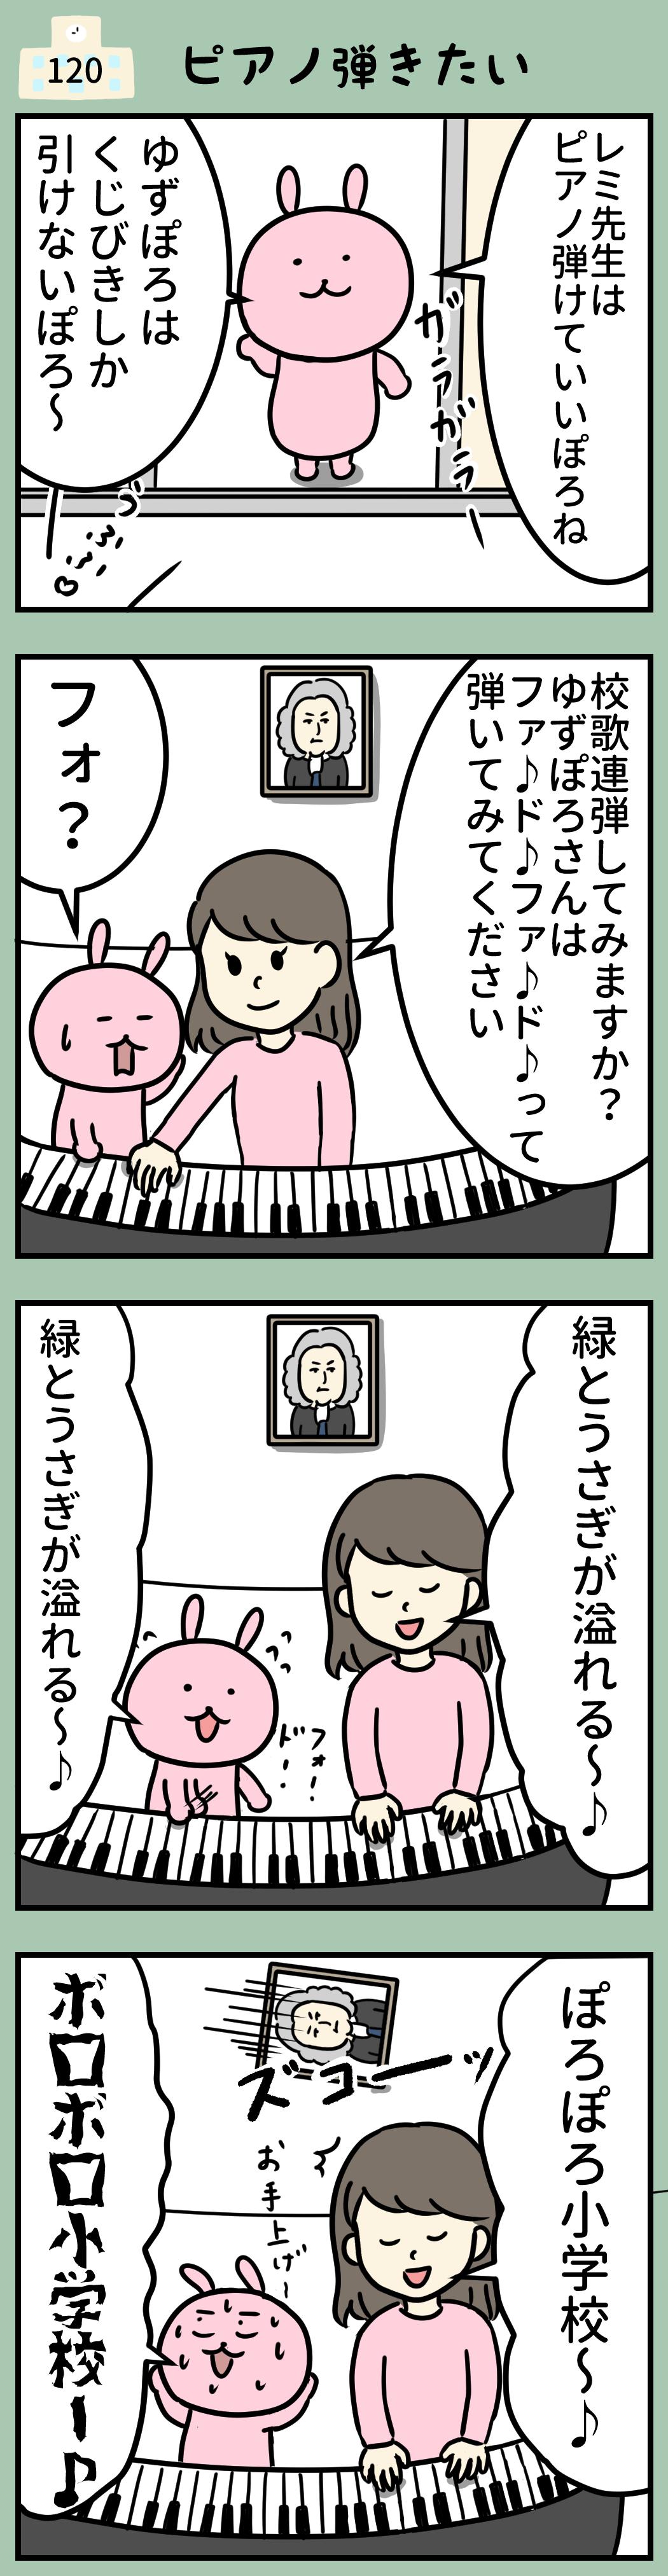 ピアノ弾きたいイラスト